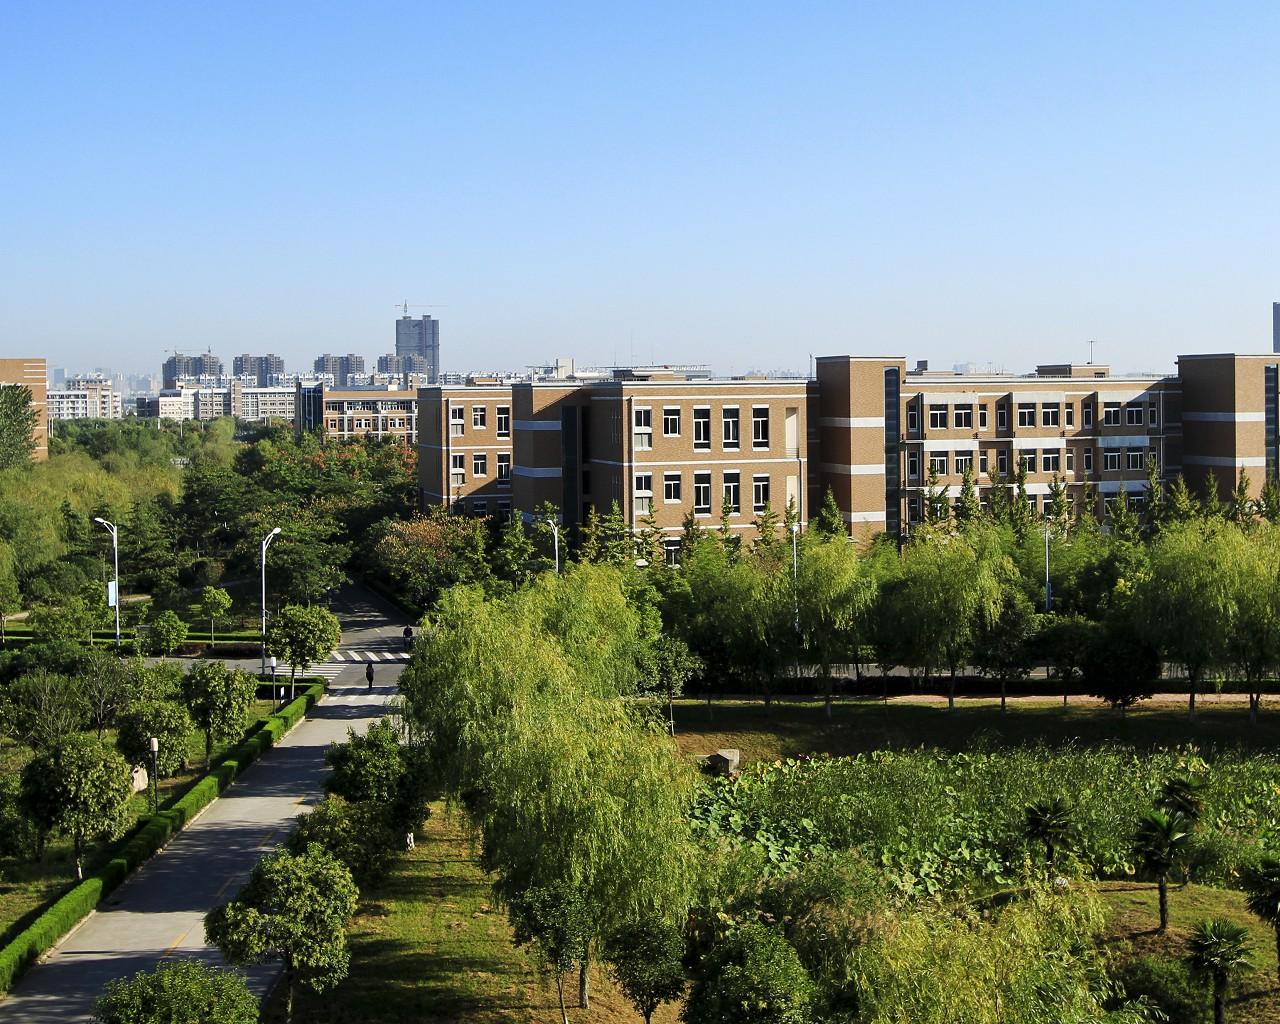 绿树环抱的教学楼